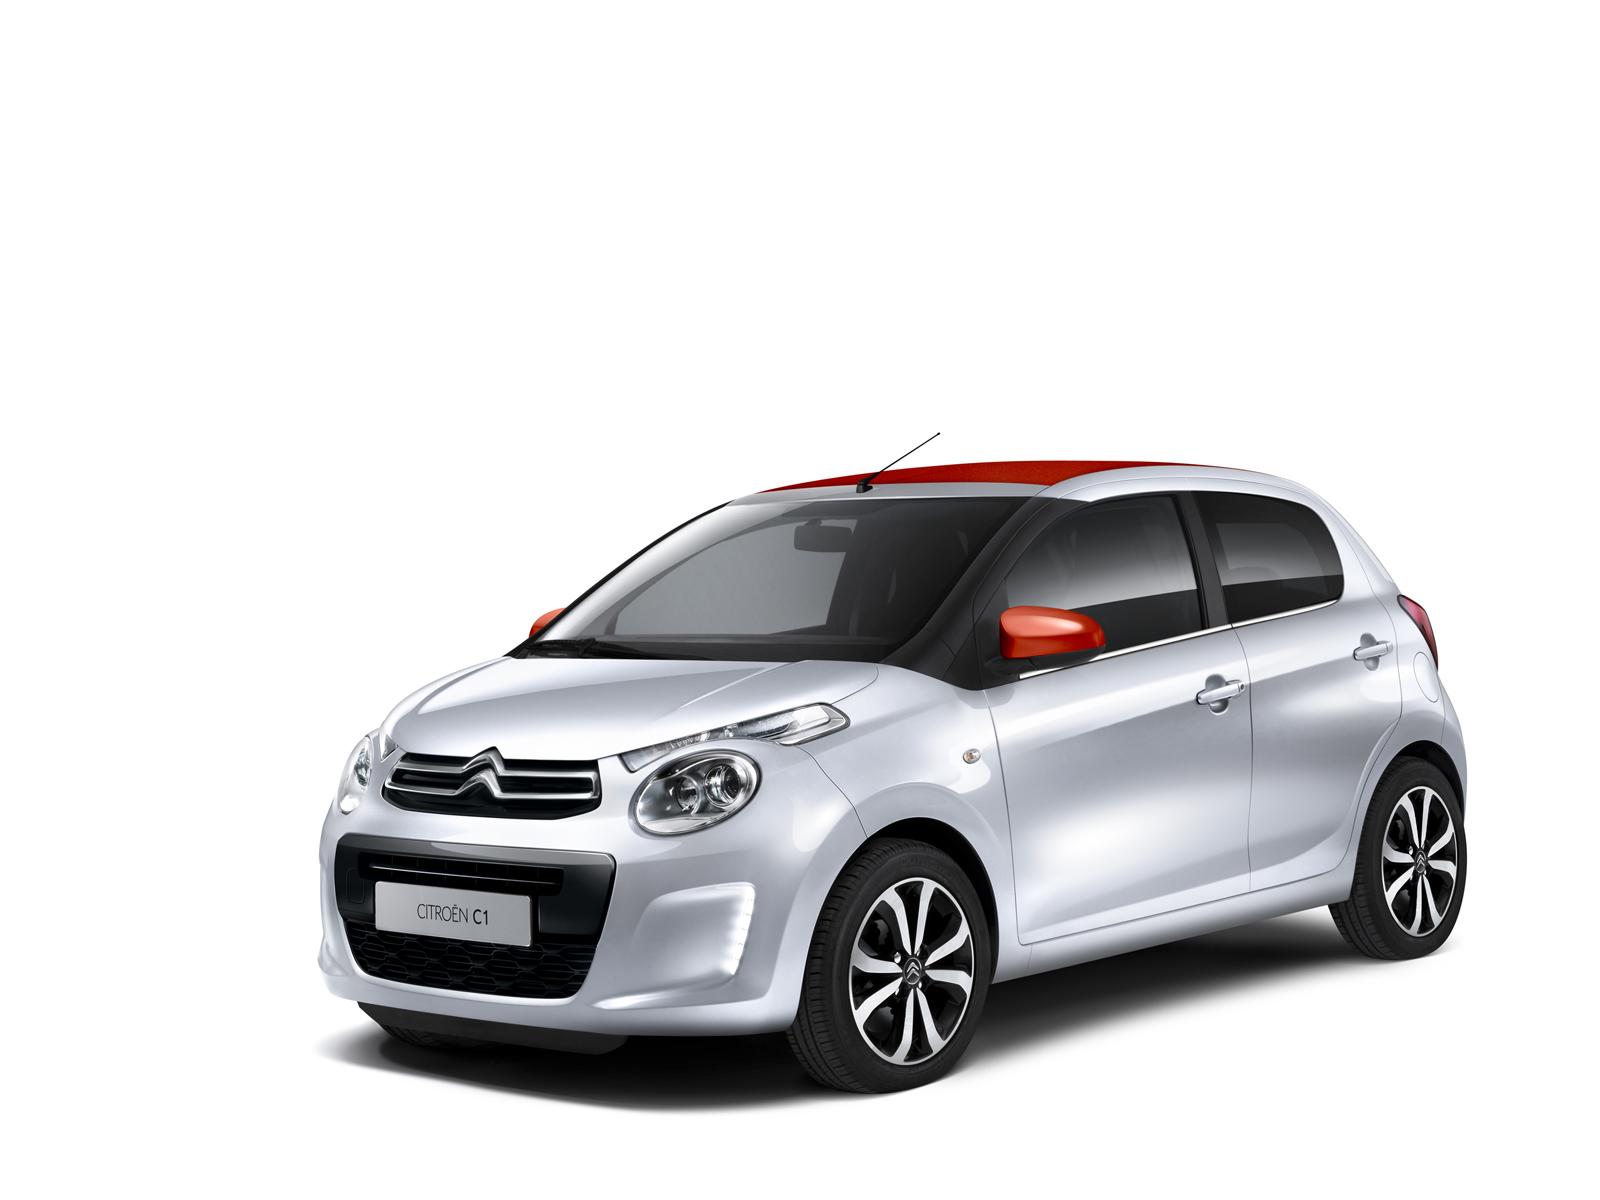 New car deals citroen c1